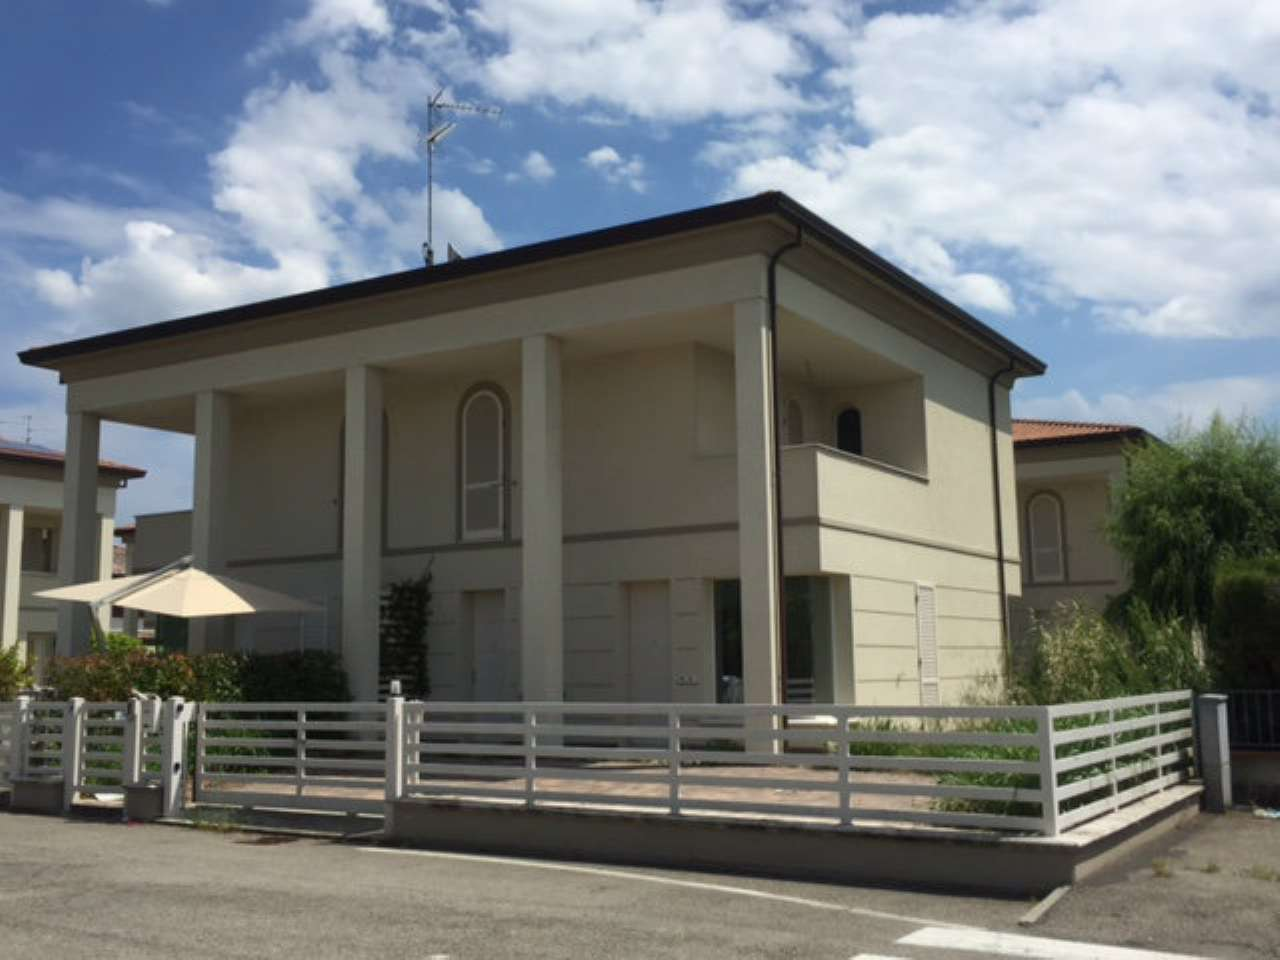 Soluzione Indipendente in vendita a Ravenna, 6 locali, prezzo € 310.000   Cambio Casa.it